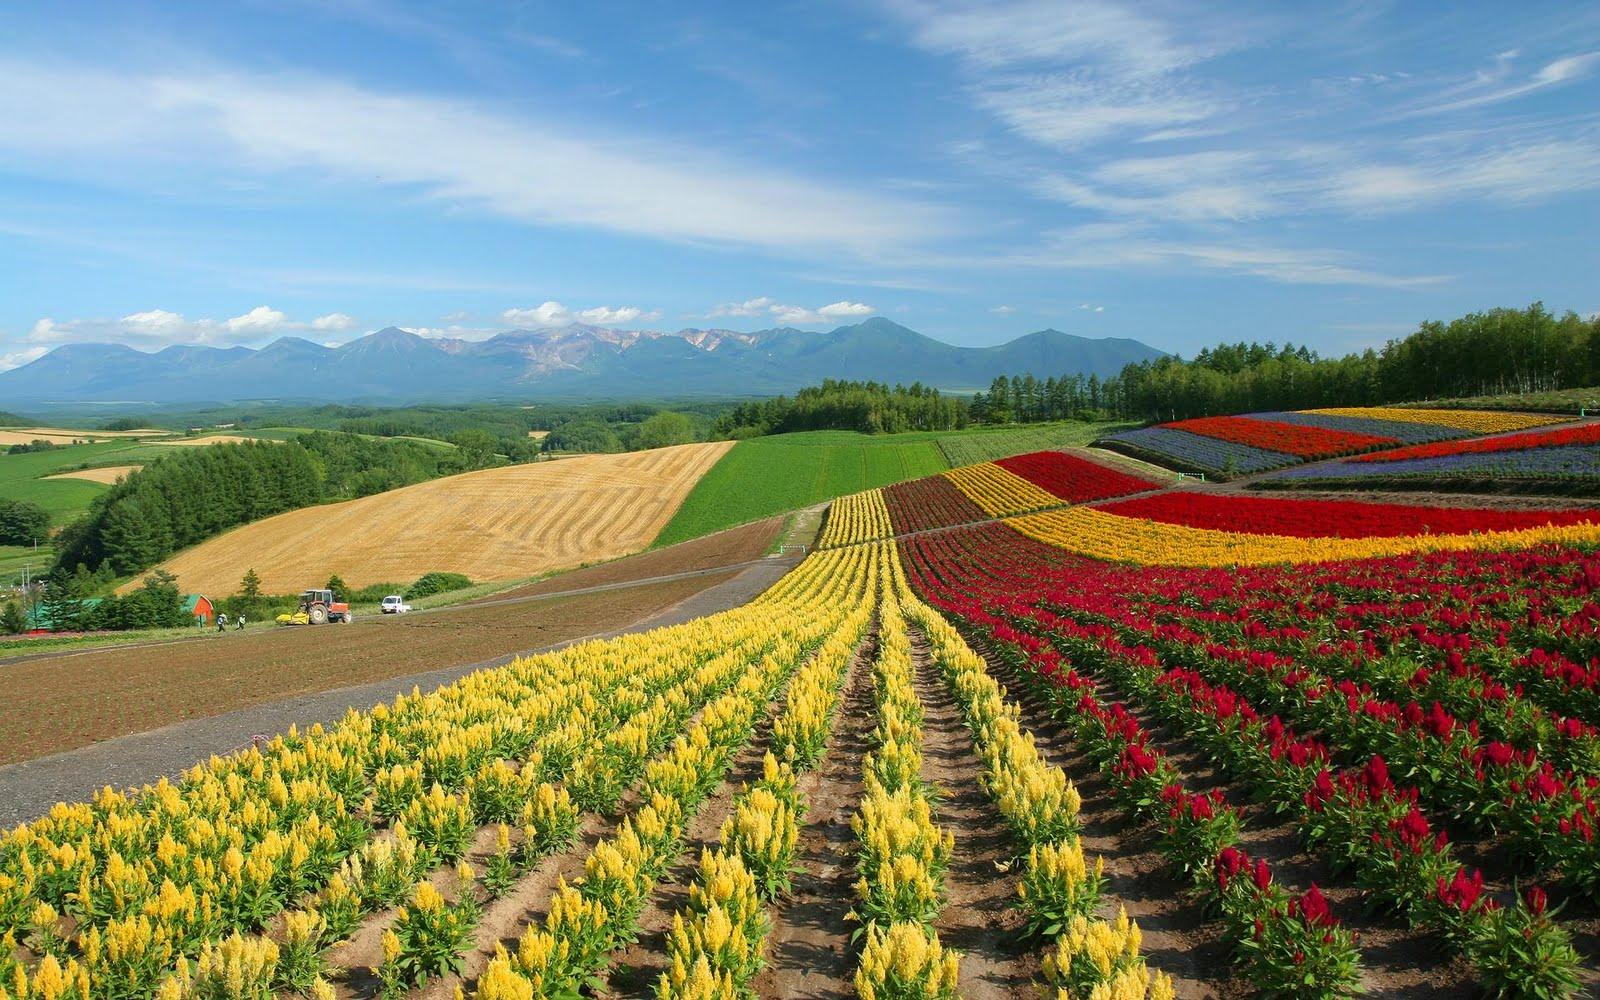 japan hokkaido landscape image - photo #7